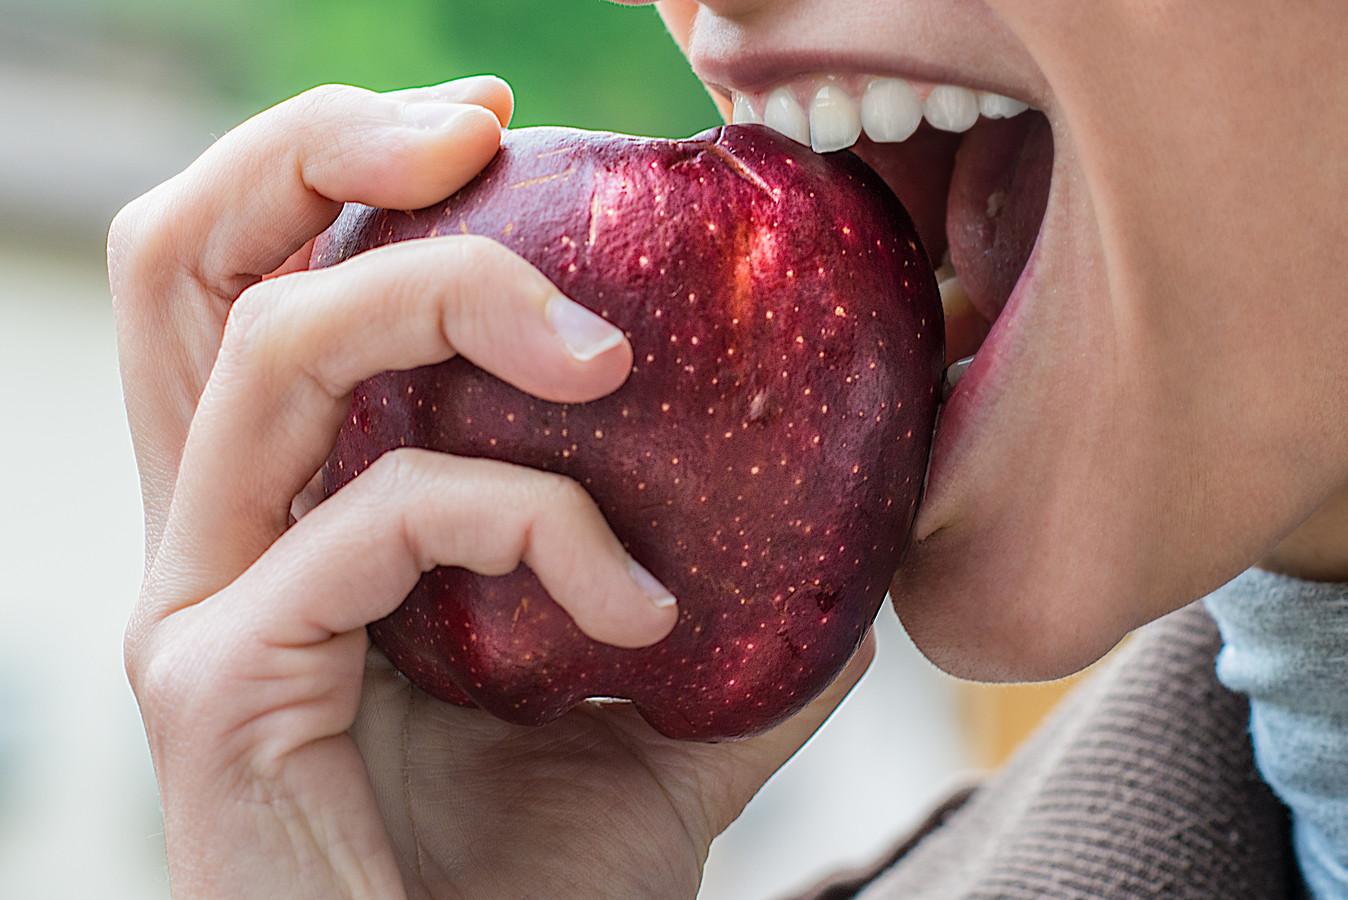 Een appel happen en kauwen geeft meer verzadiging dan stukjes appel eten.